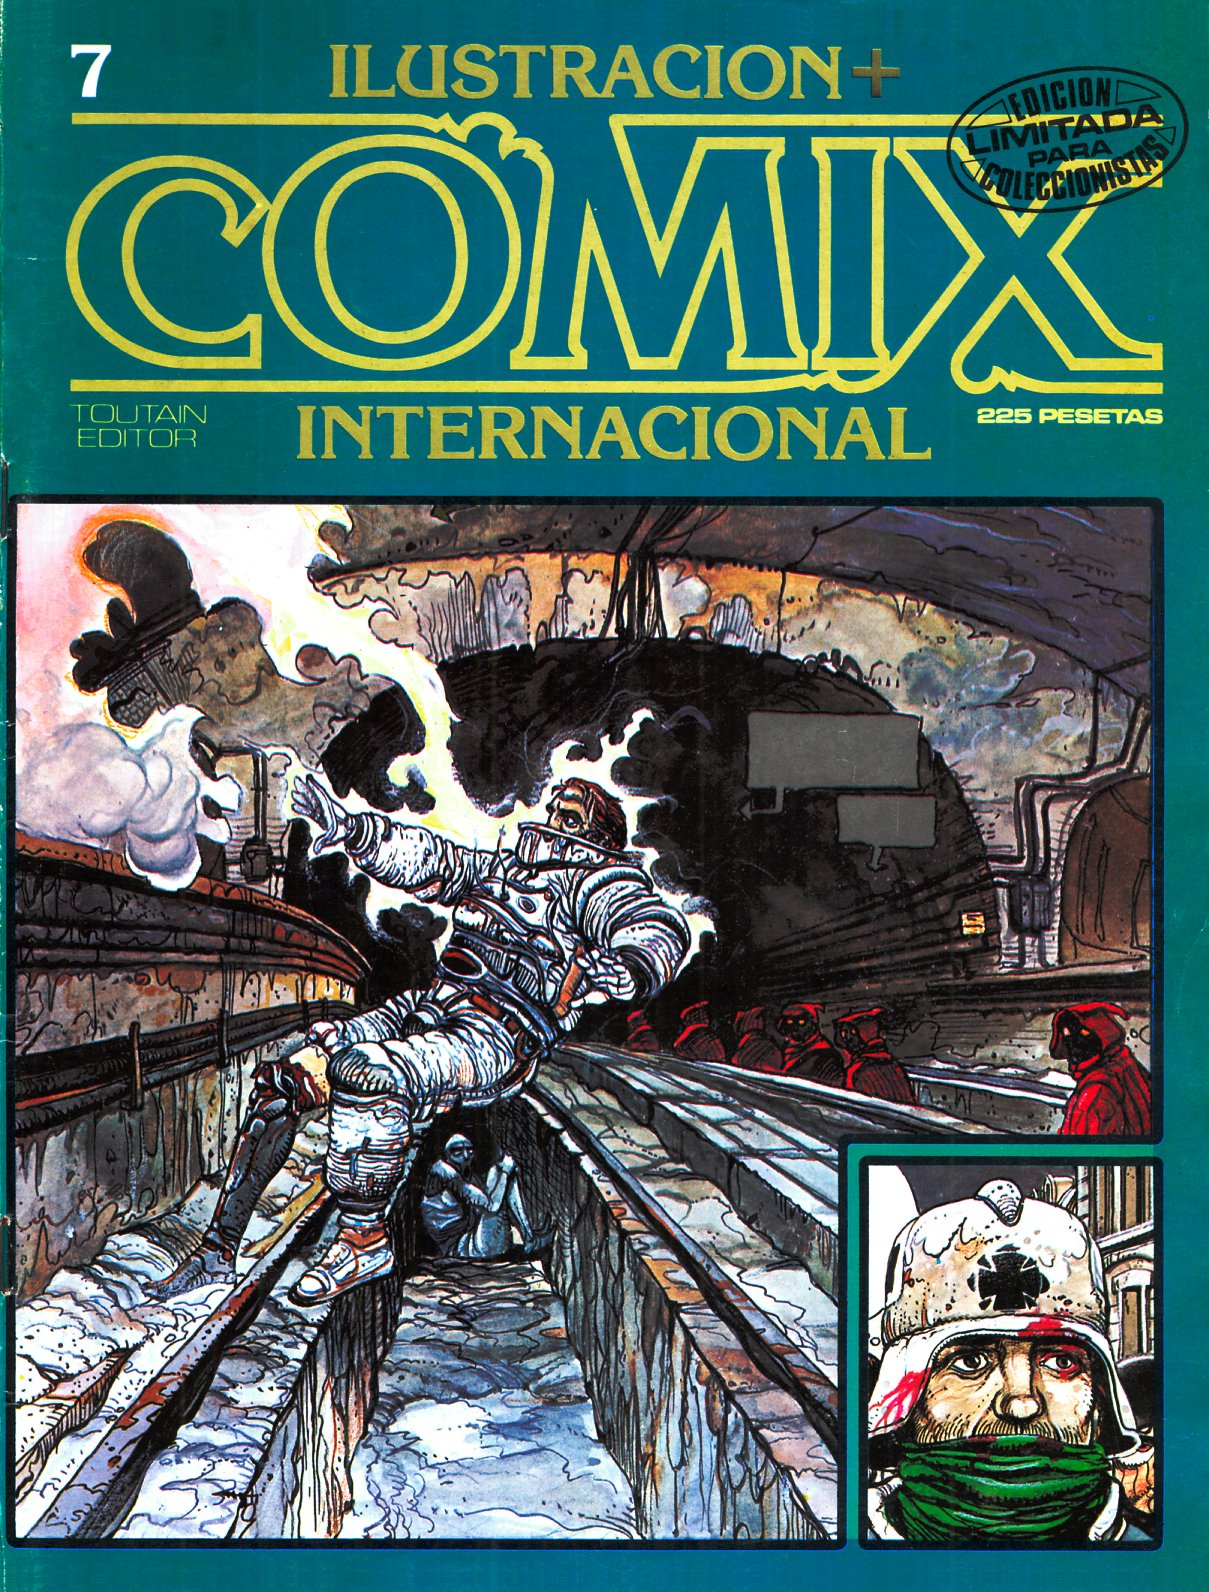 Ilustración + Comix Internacional #7